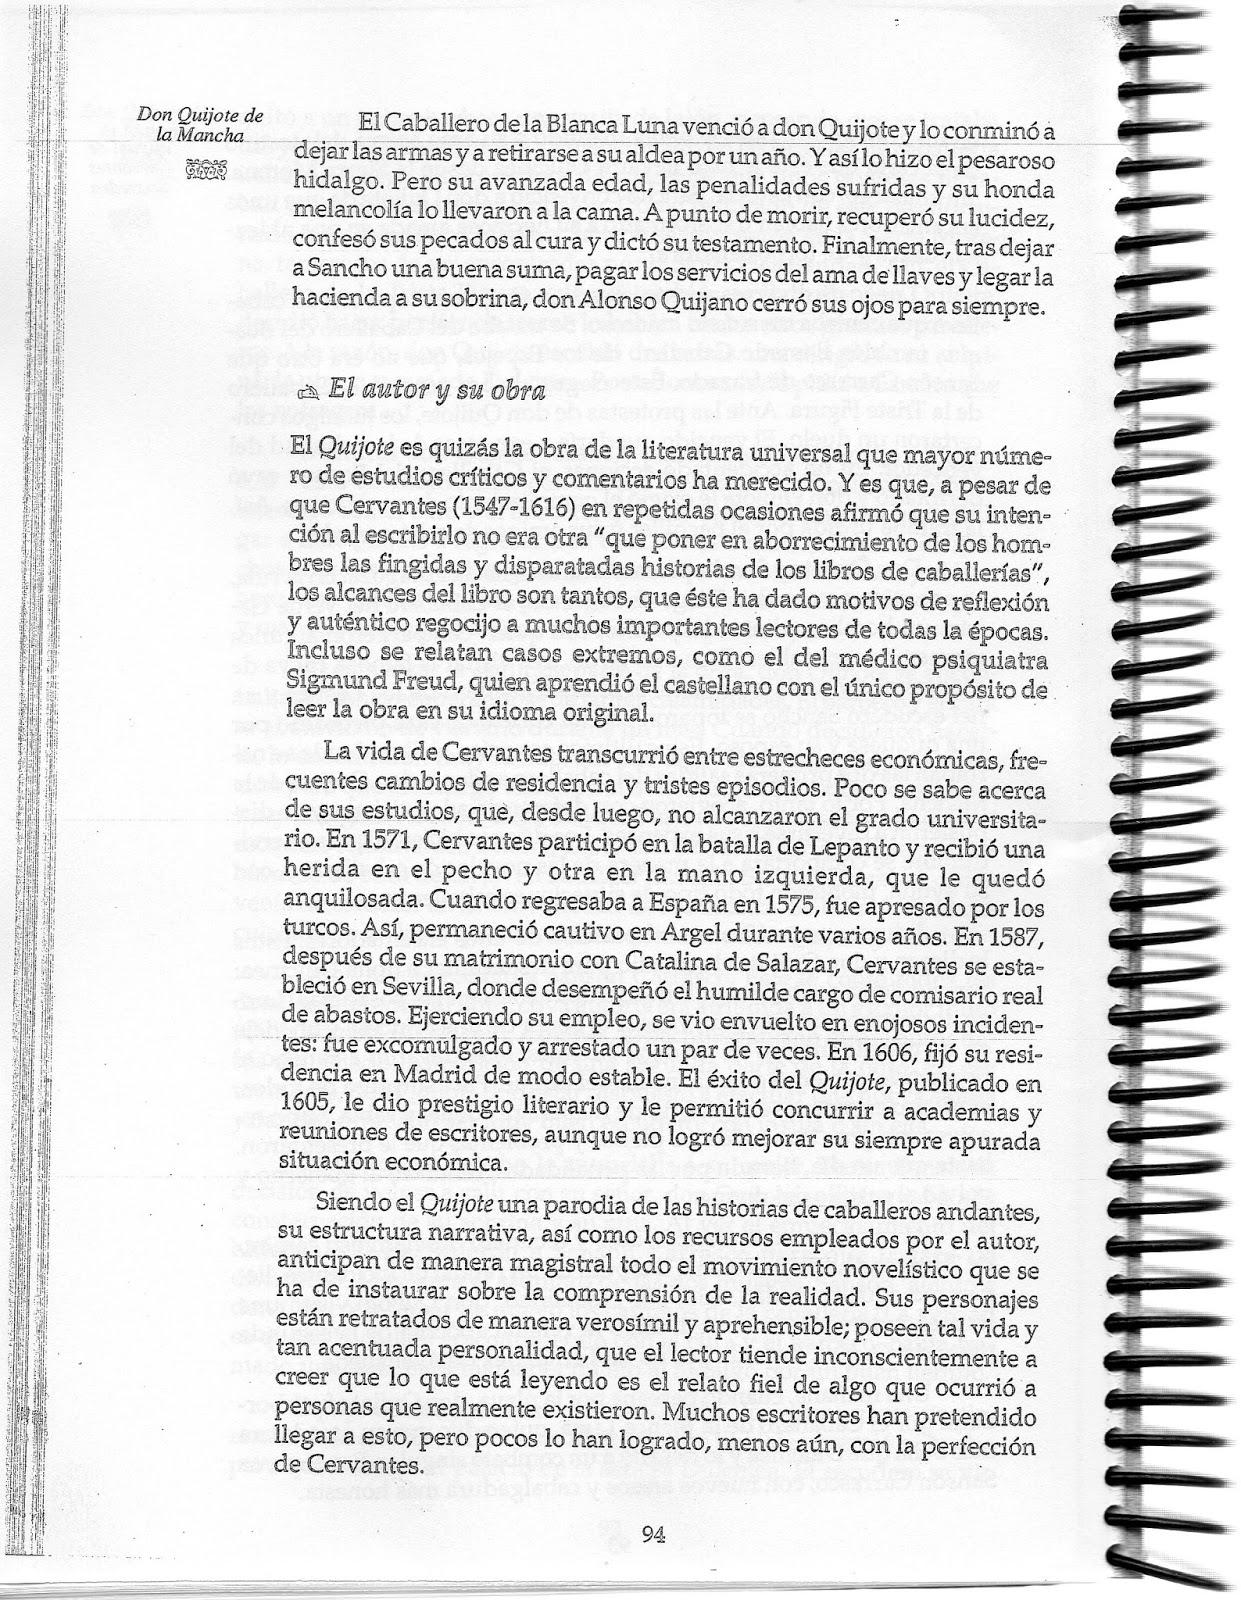 don quijote de la mancha pdf romana